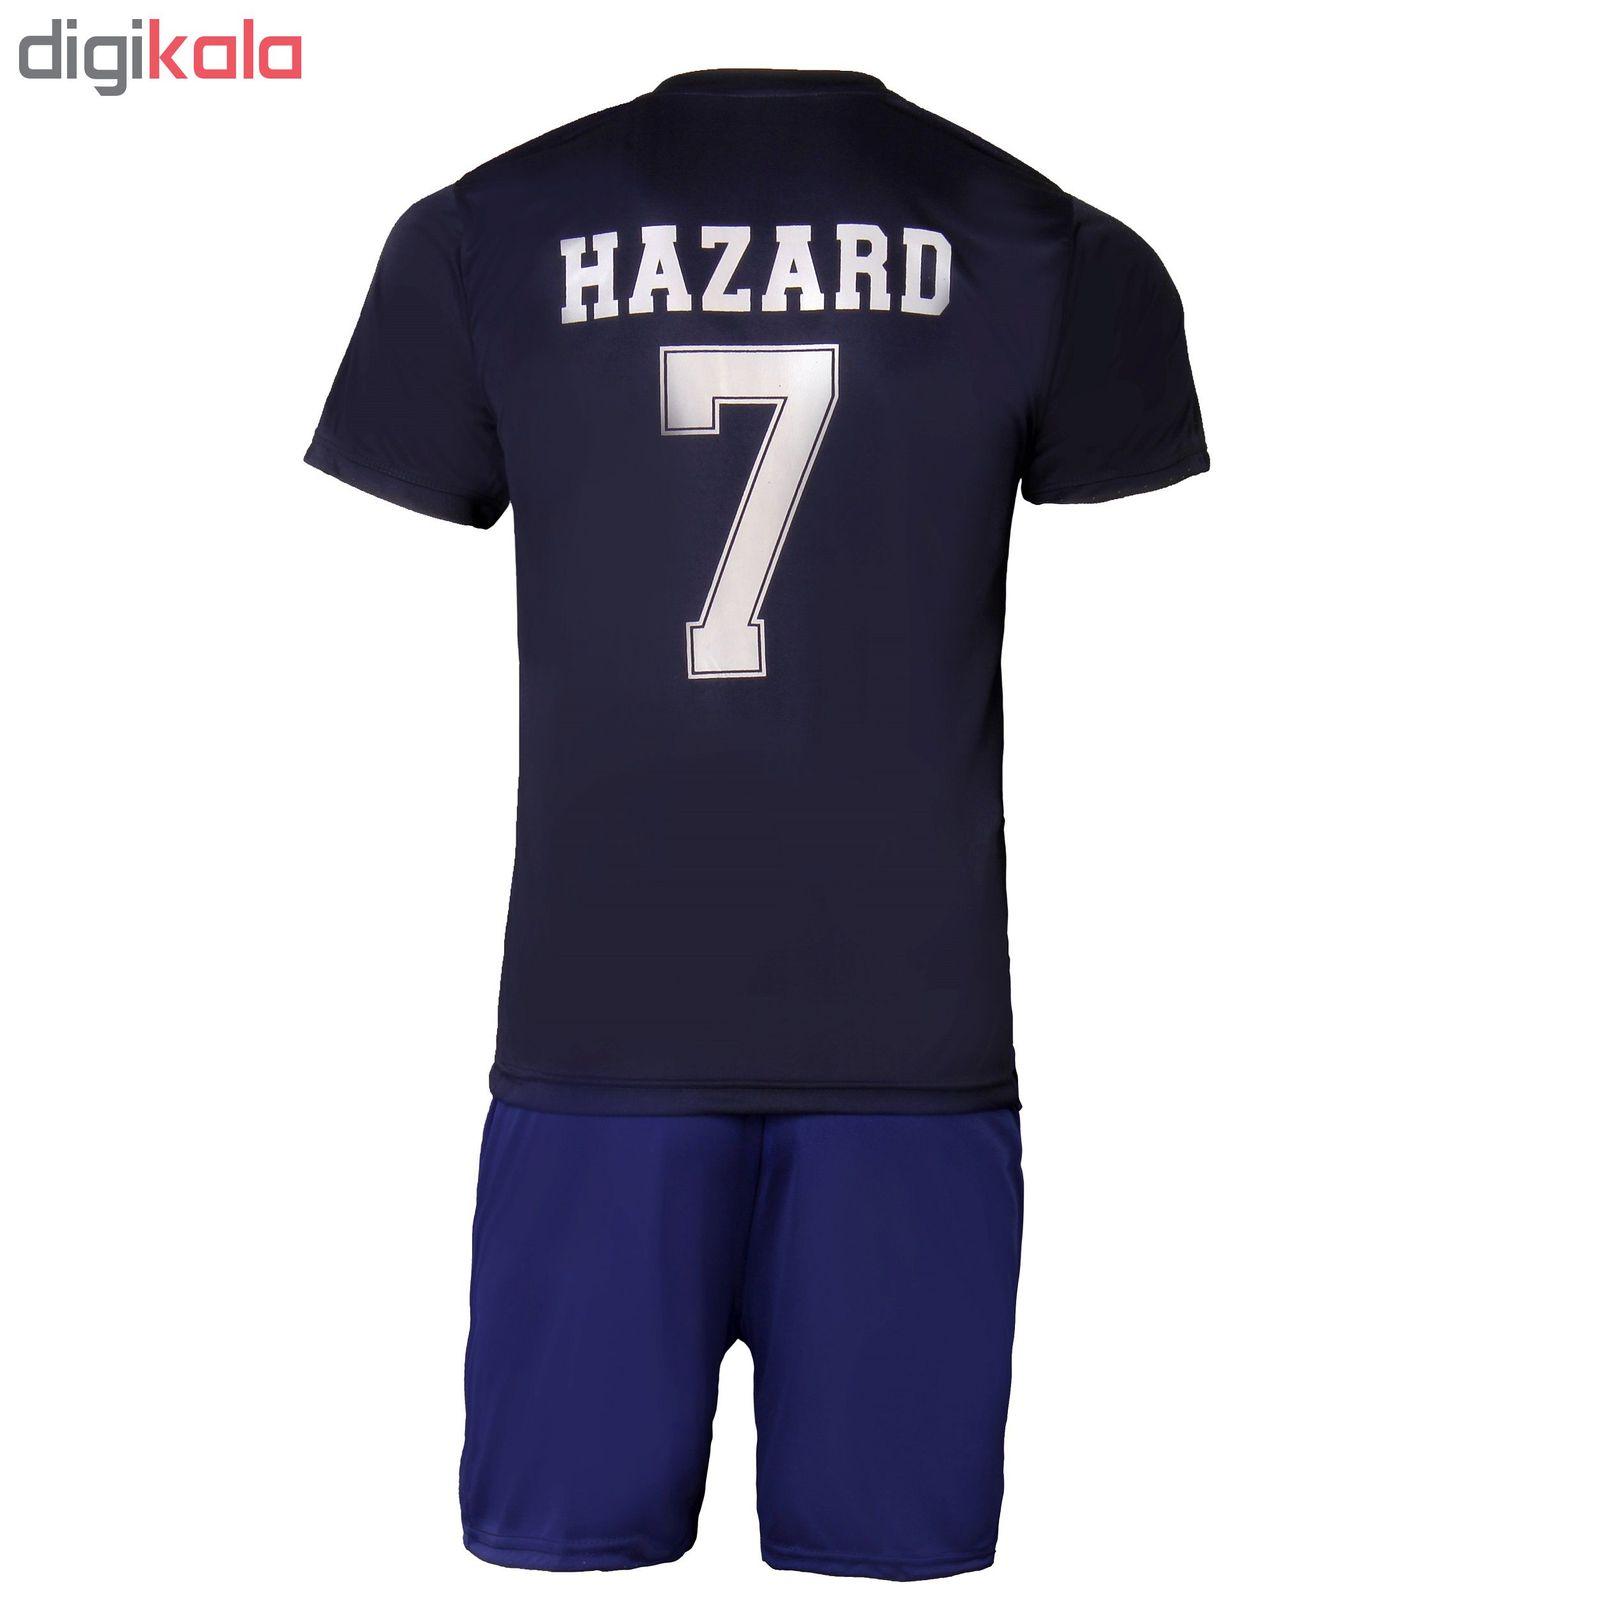 ست پیراهن و شورت ورزشی مردانه طرح رئال مادرید مدل HAZARD کد IR رنگ سرمه ای main 1 2